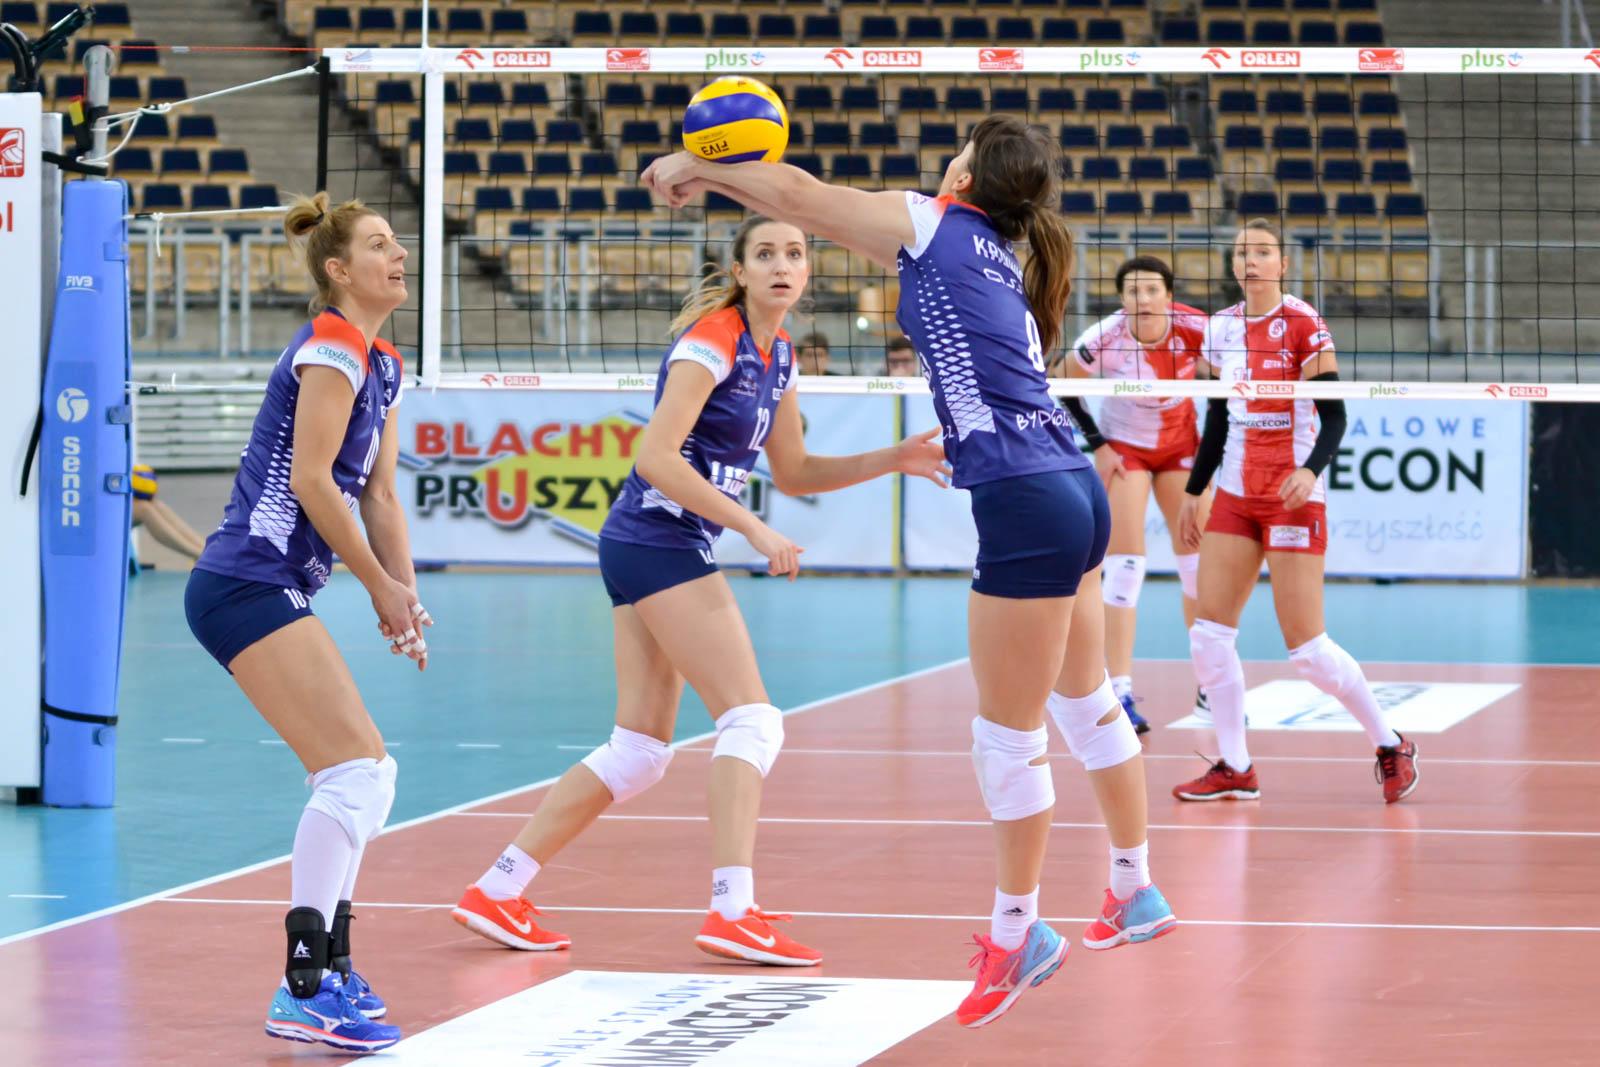 43 - Ewelina Krzywicka